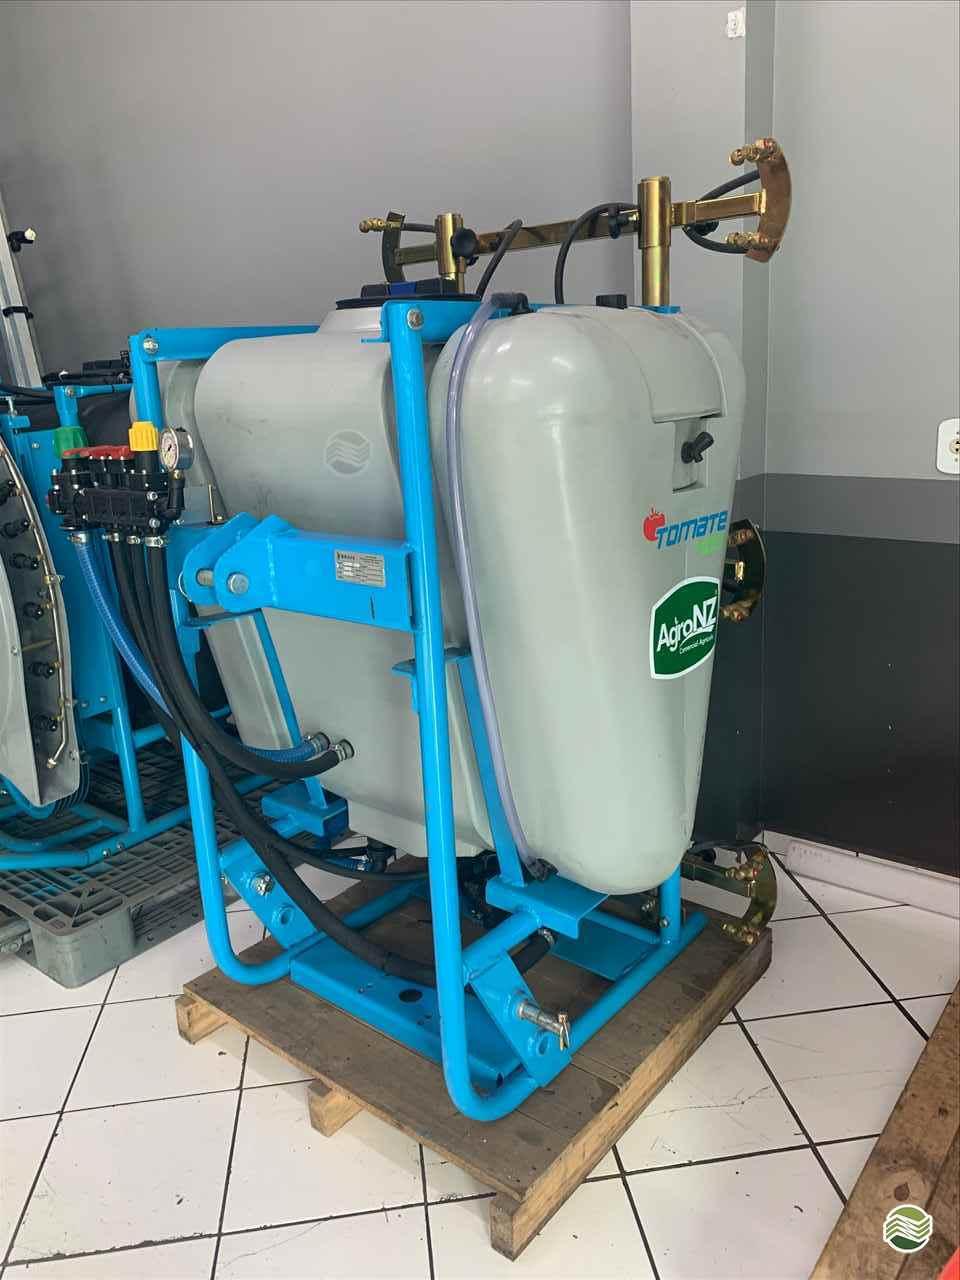 PULVERIZADOR BRAVA TOMATE 400 06X02 Acoplado Hidráulico Agro NZ Comercial Agrícola FRAIBURGO SANTA CATARINA SC